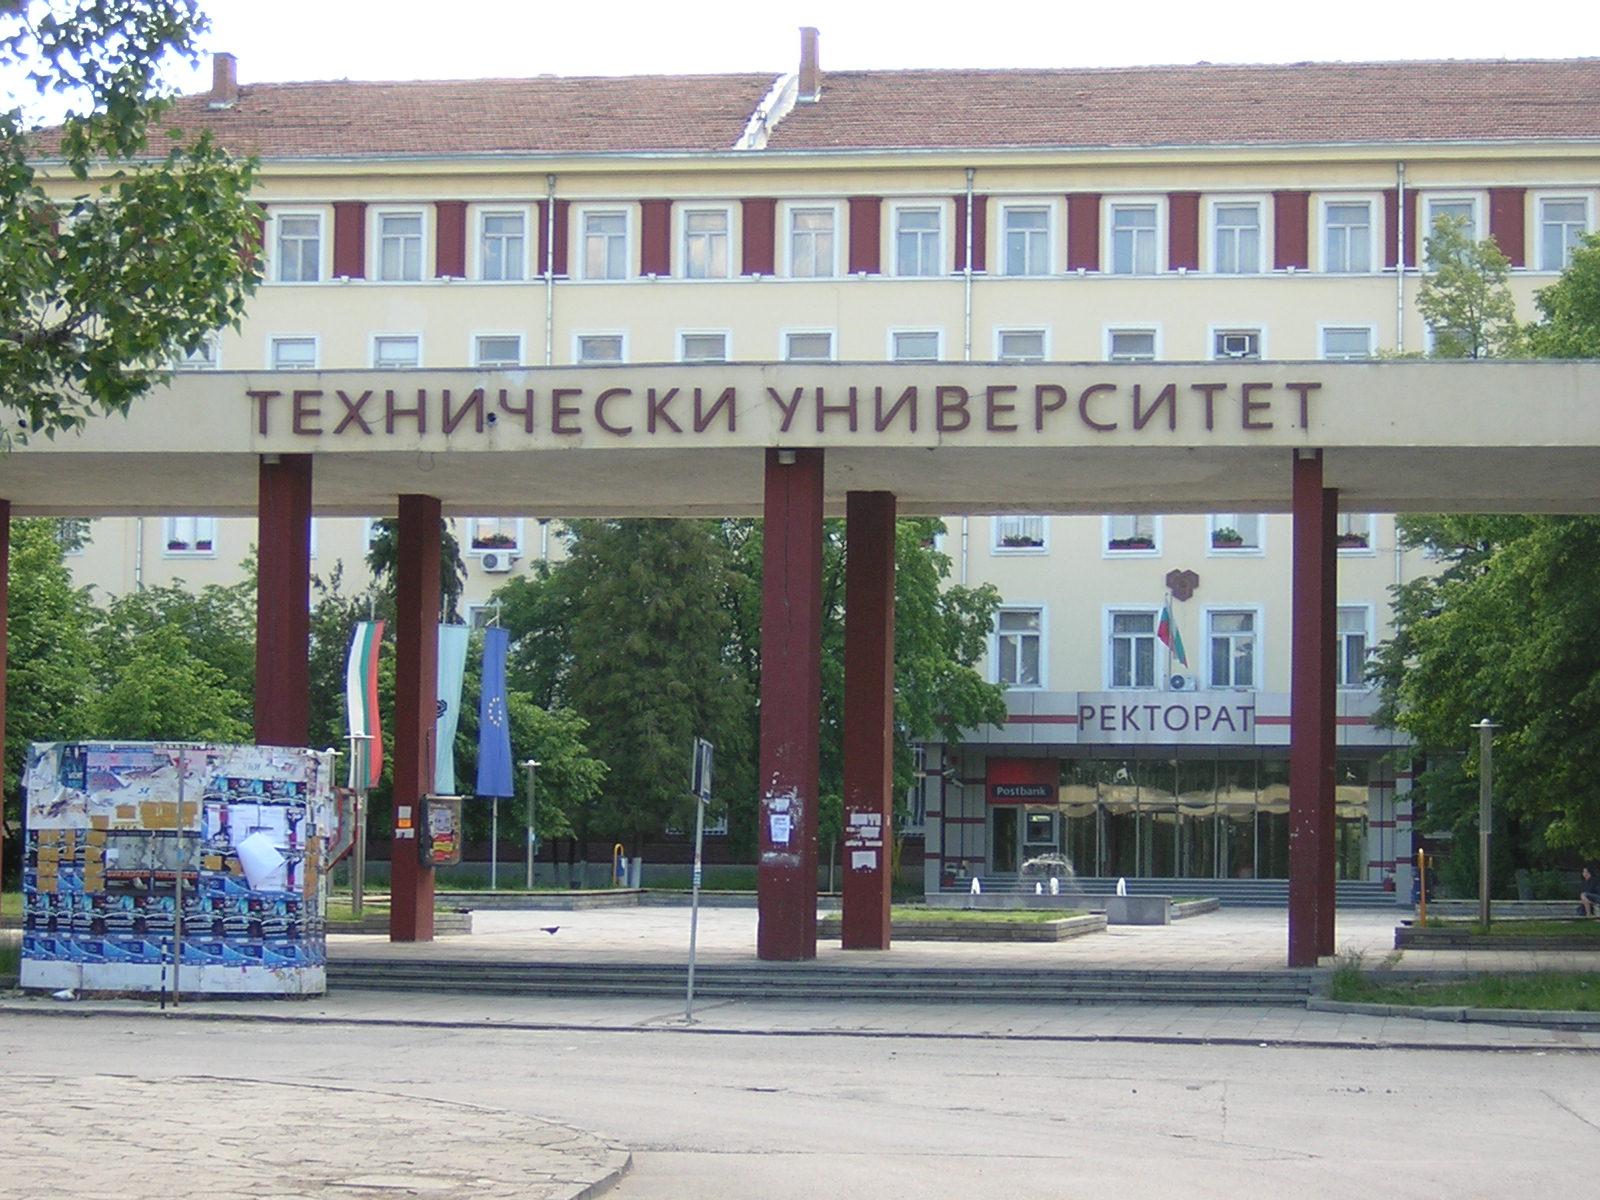 Τεχνικό Πανεπιστήμιο Σόφιας